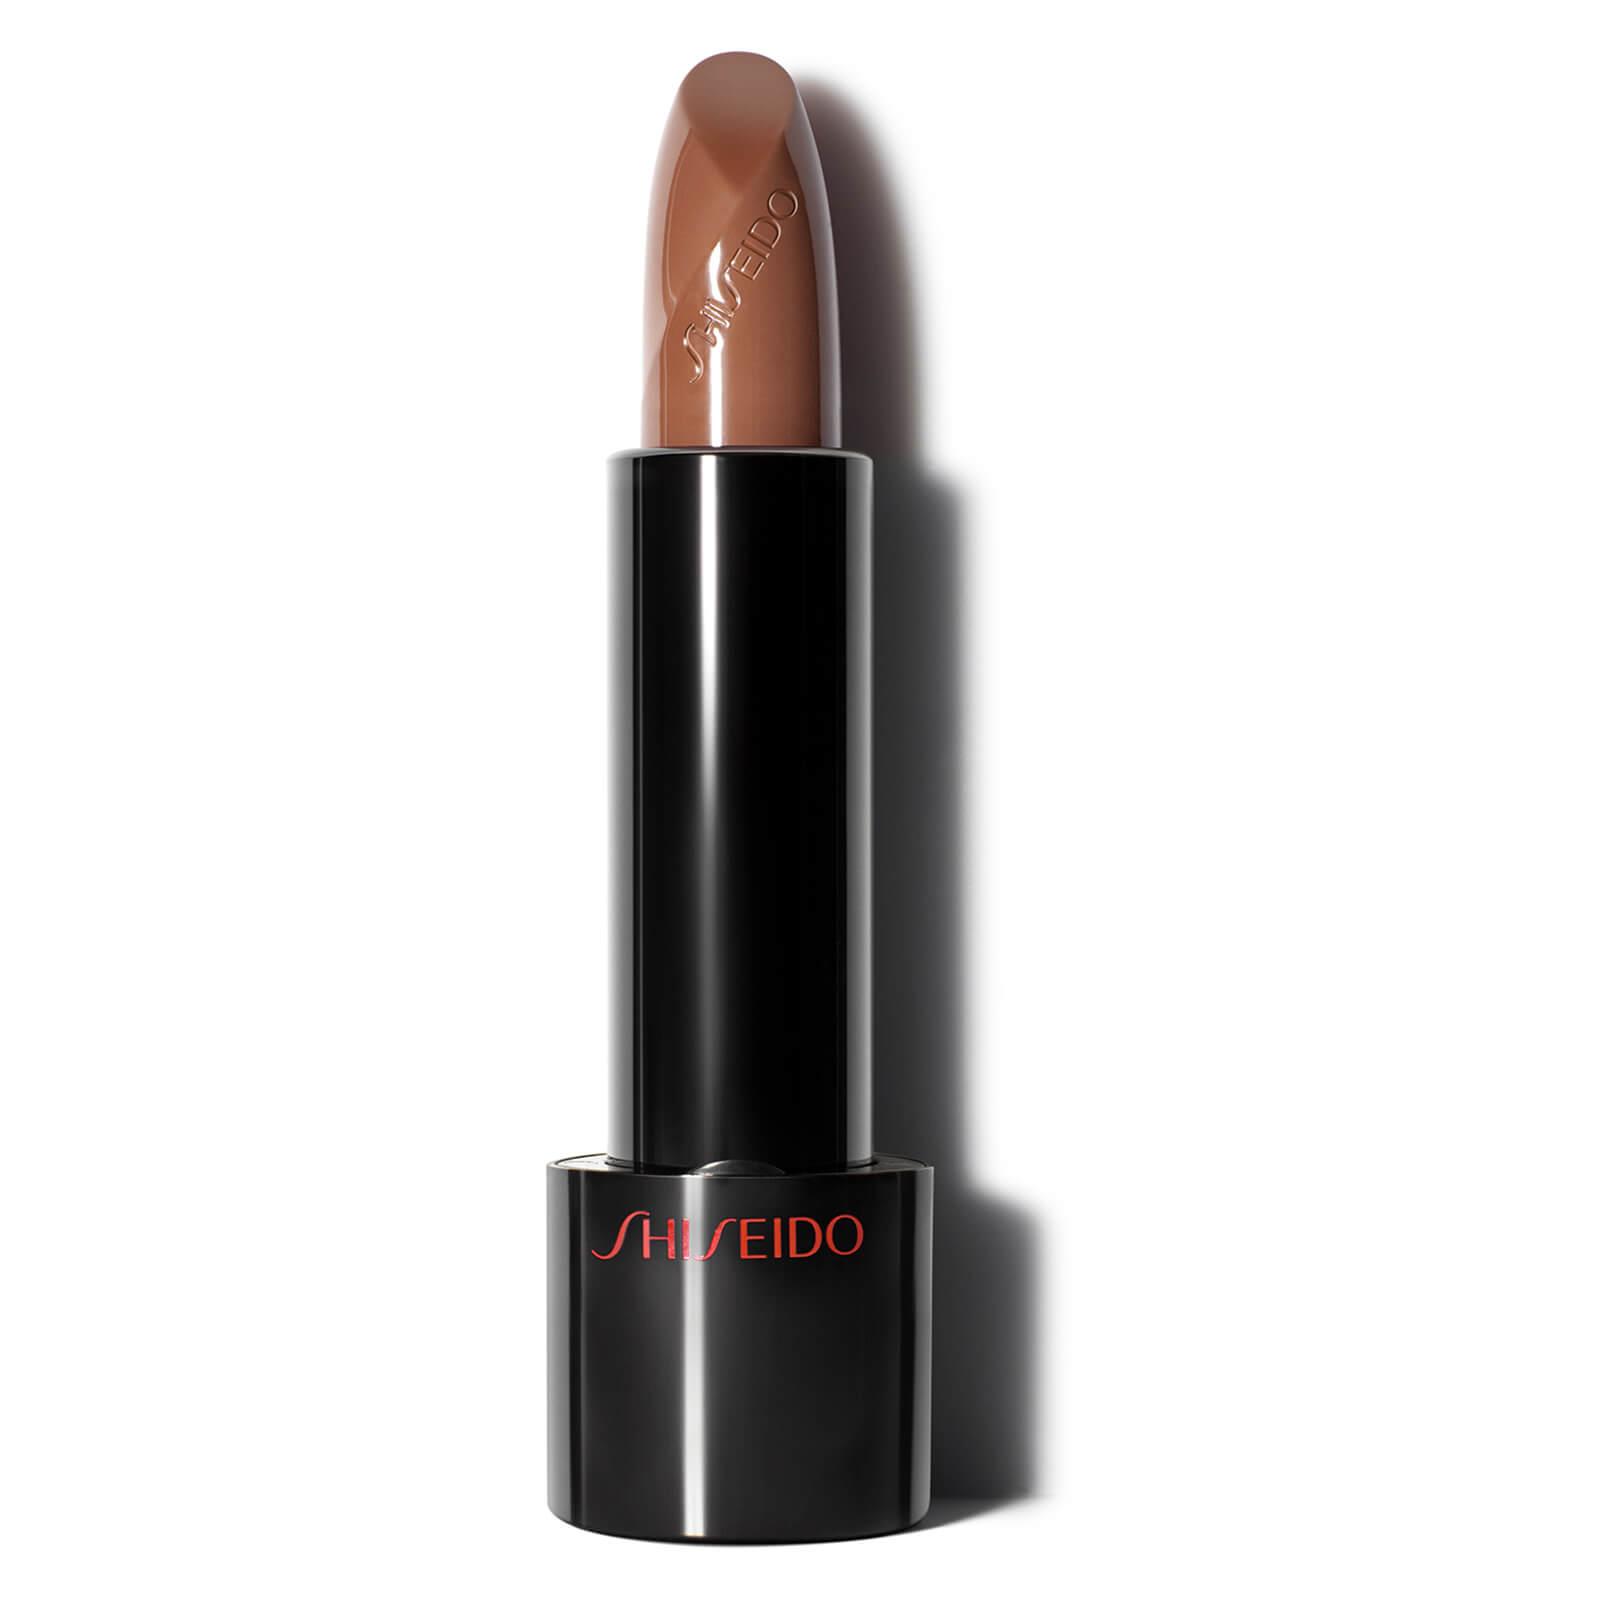 Shiseido Rouge Rouge Lipstick 4g (Various Shades) - Dusky Honey